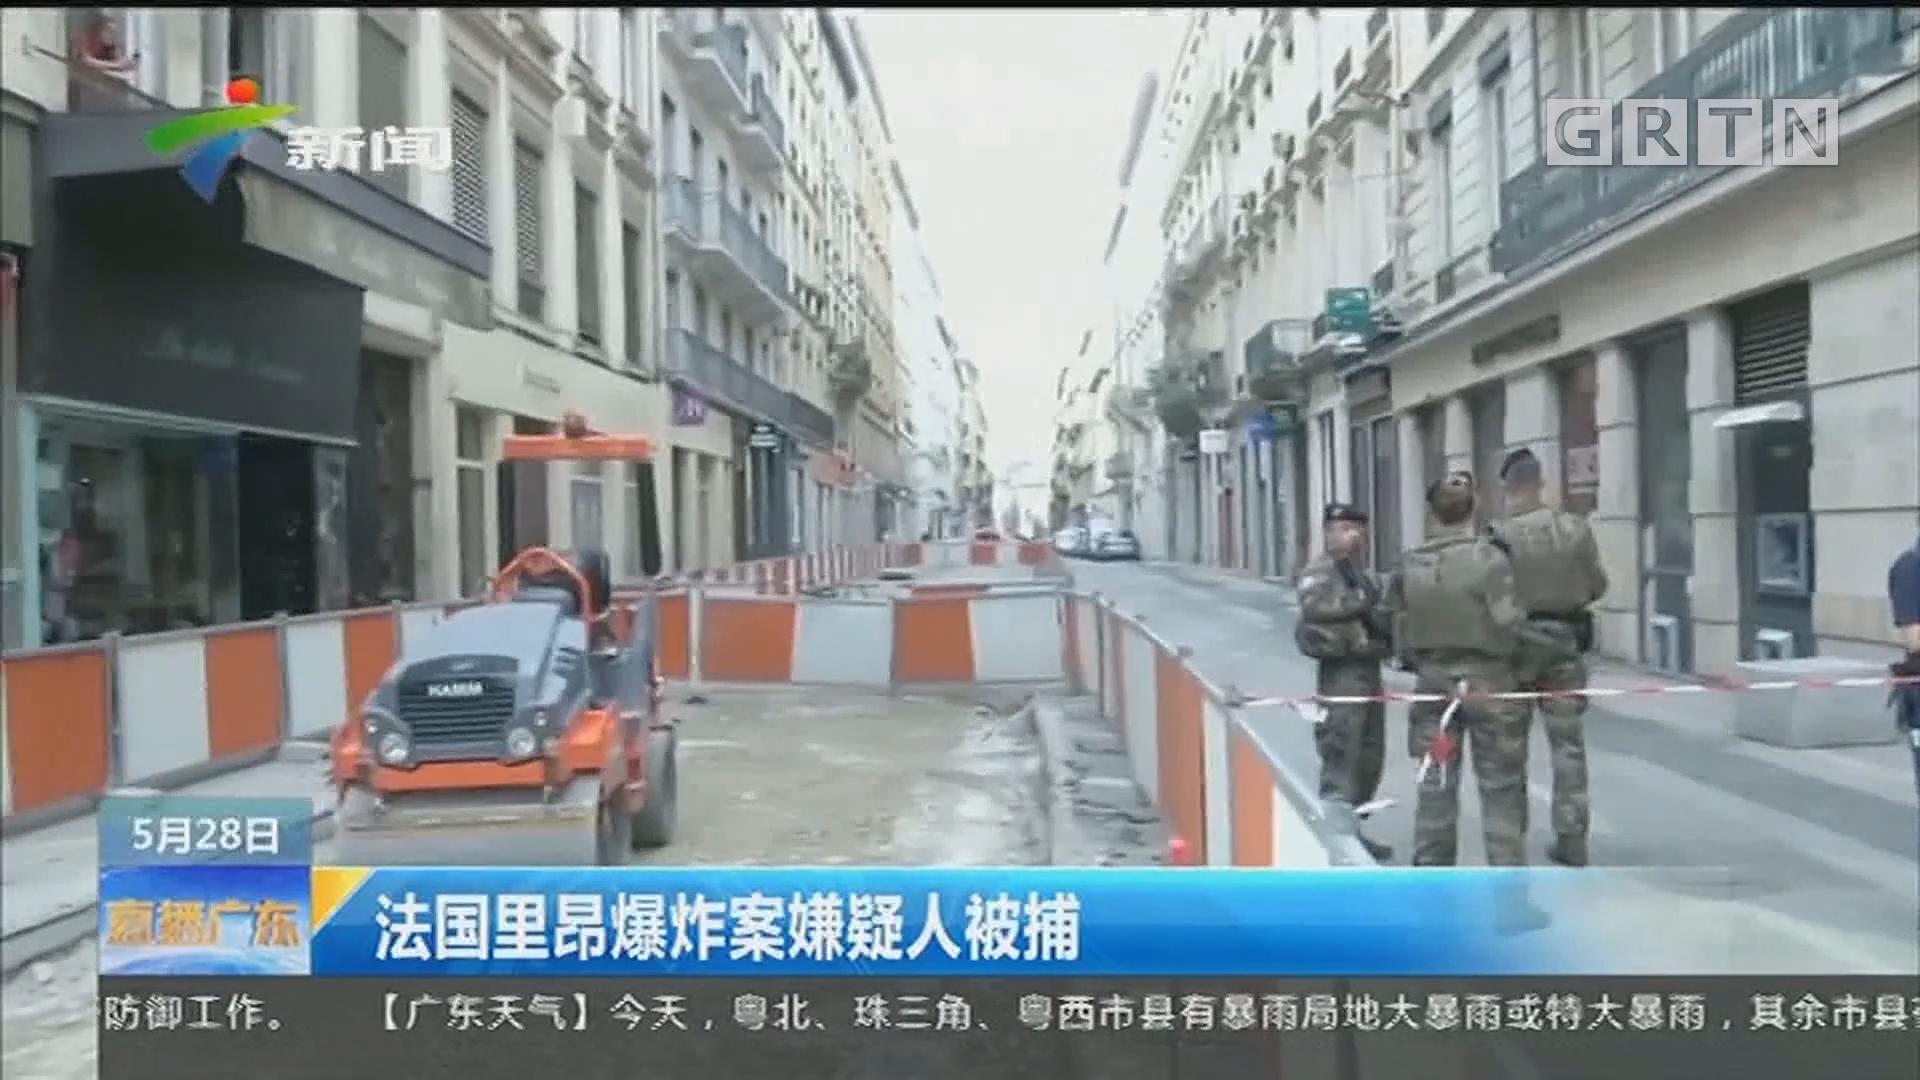 法国里昂爆炸案嫌疑人被捕